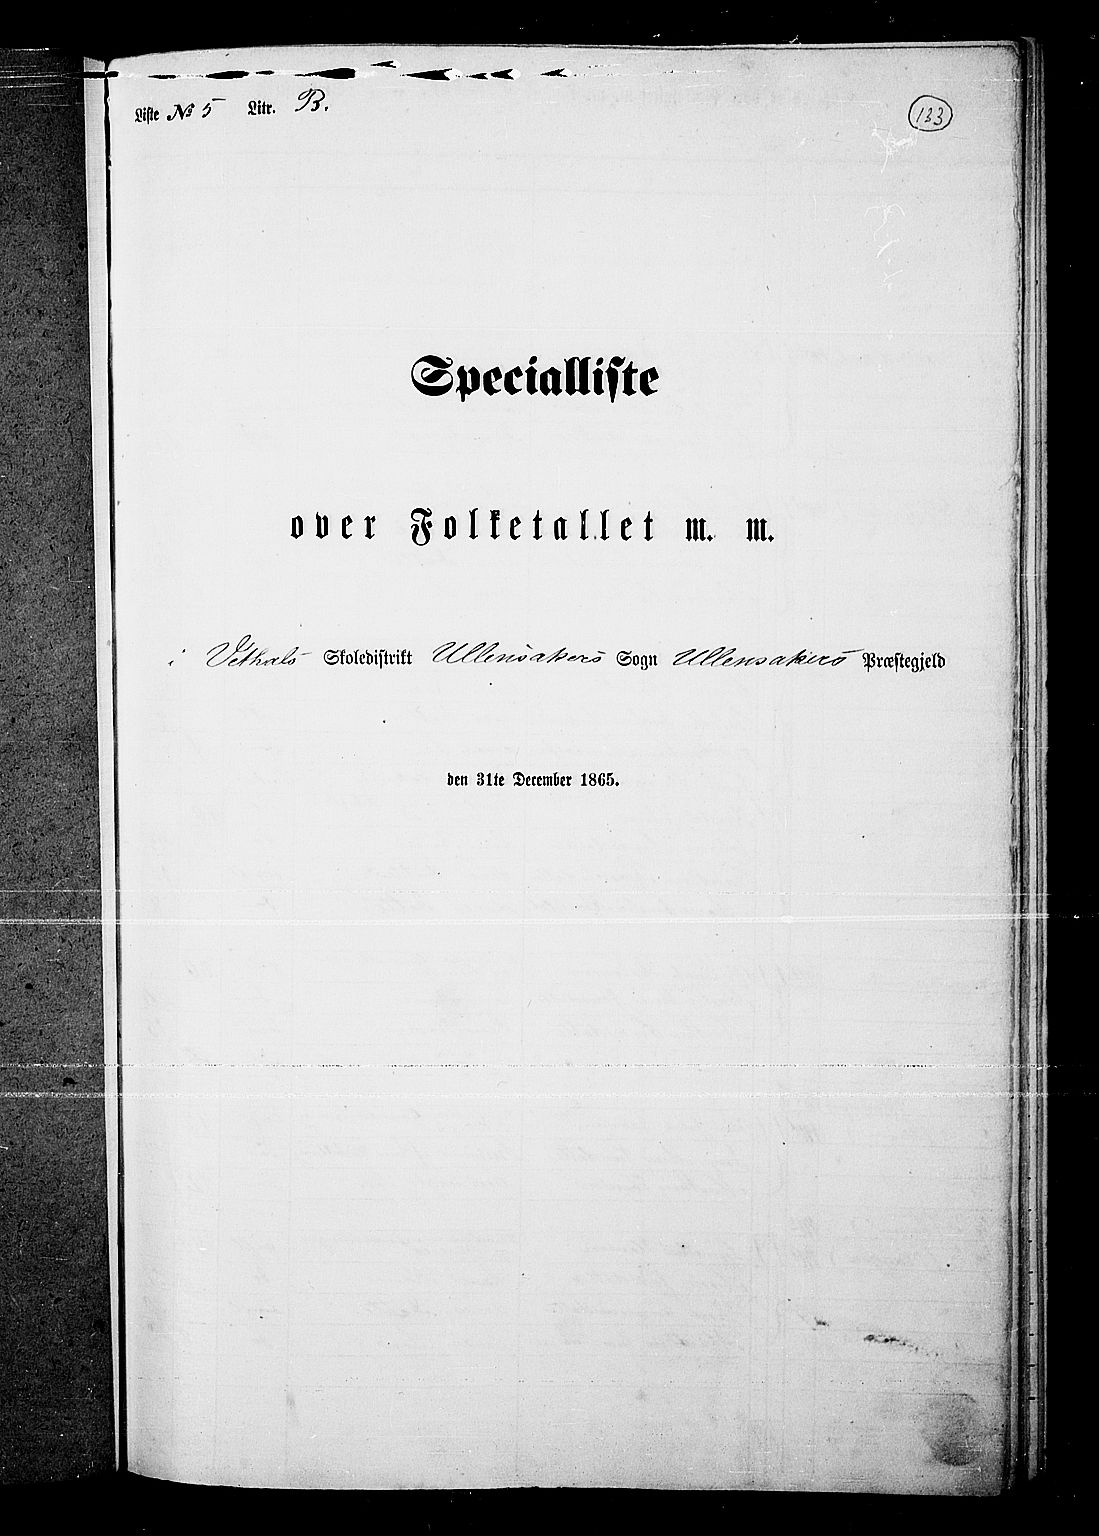 RA, Folketelling 1865 for 0235P Ullensaker prestegjeld, 1865, s. 117